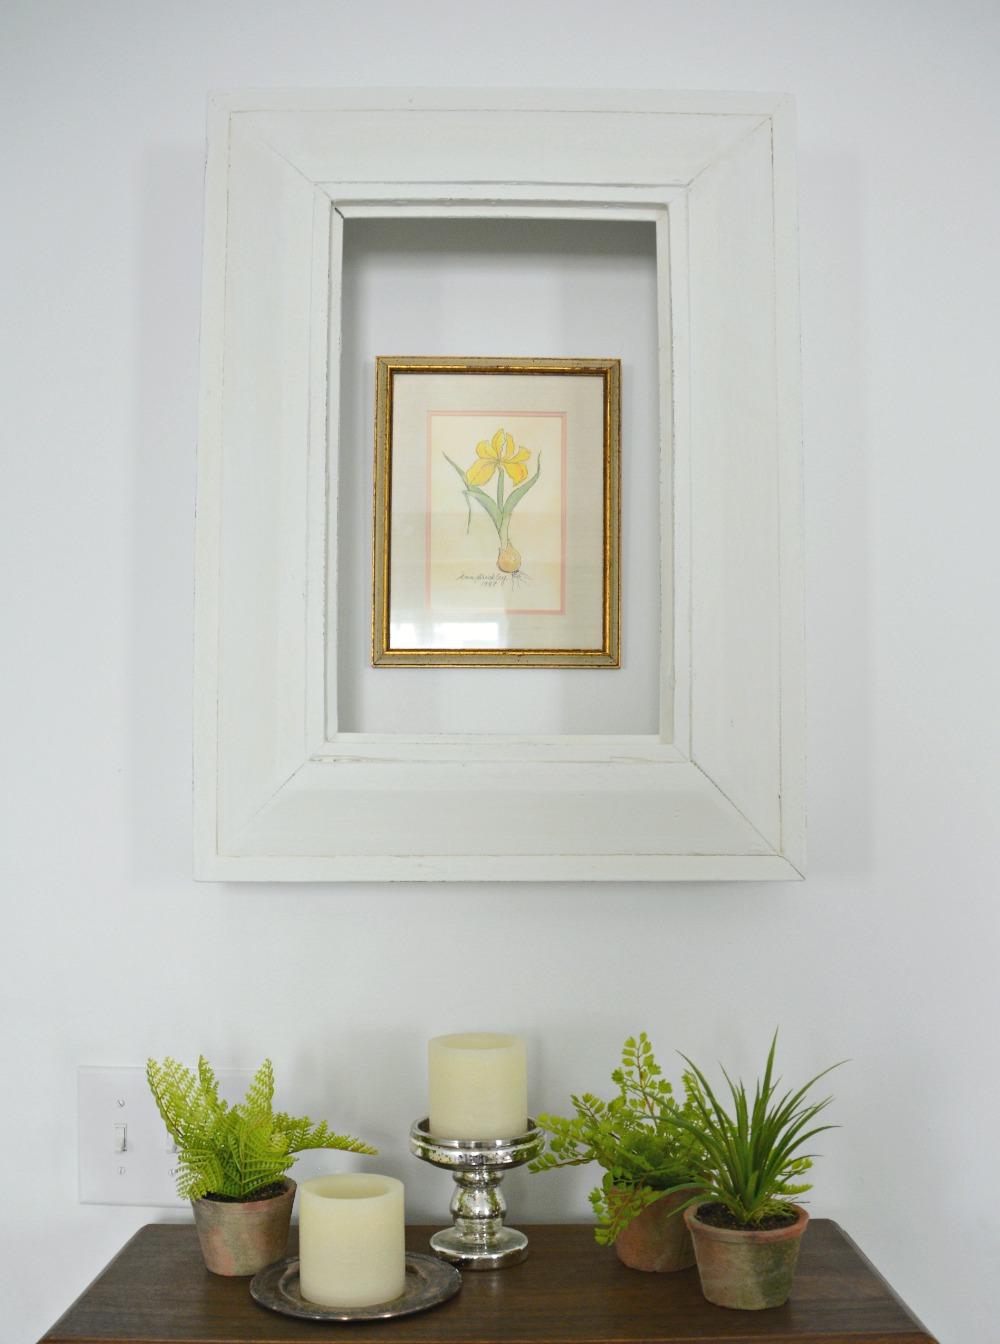 DIY-shadowbox-frame